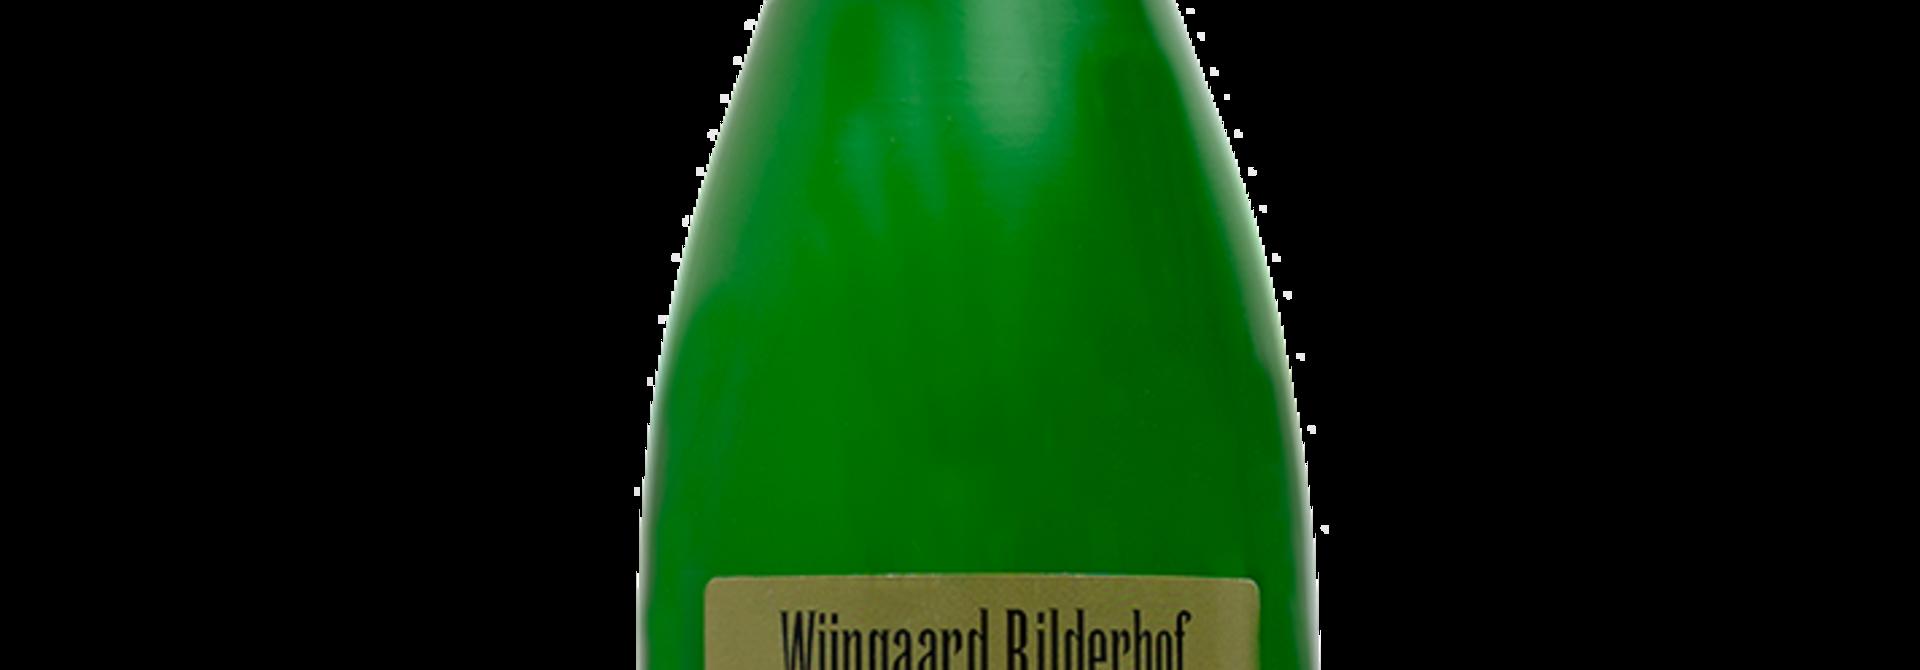 Bilderhof Dordtsche Bubbels